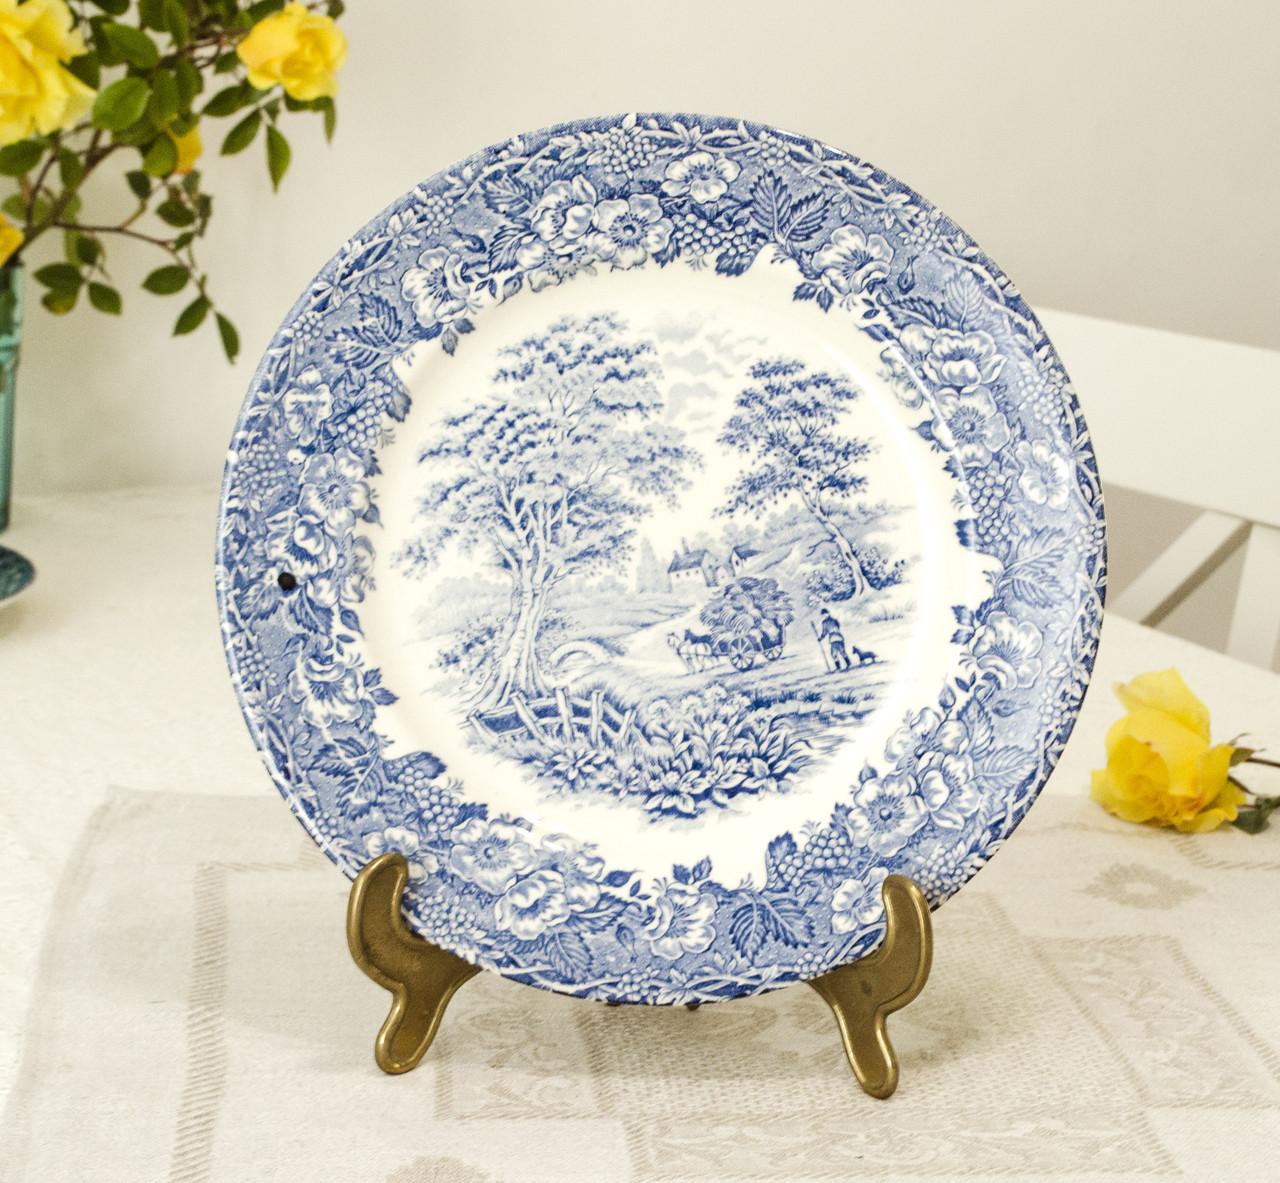 Коллекционная сине-белая обеденная тарелка, Англия, английская керамика, сельский быт